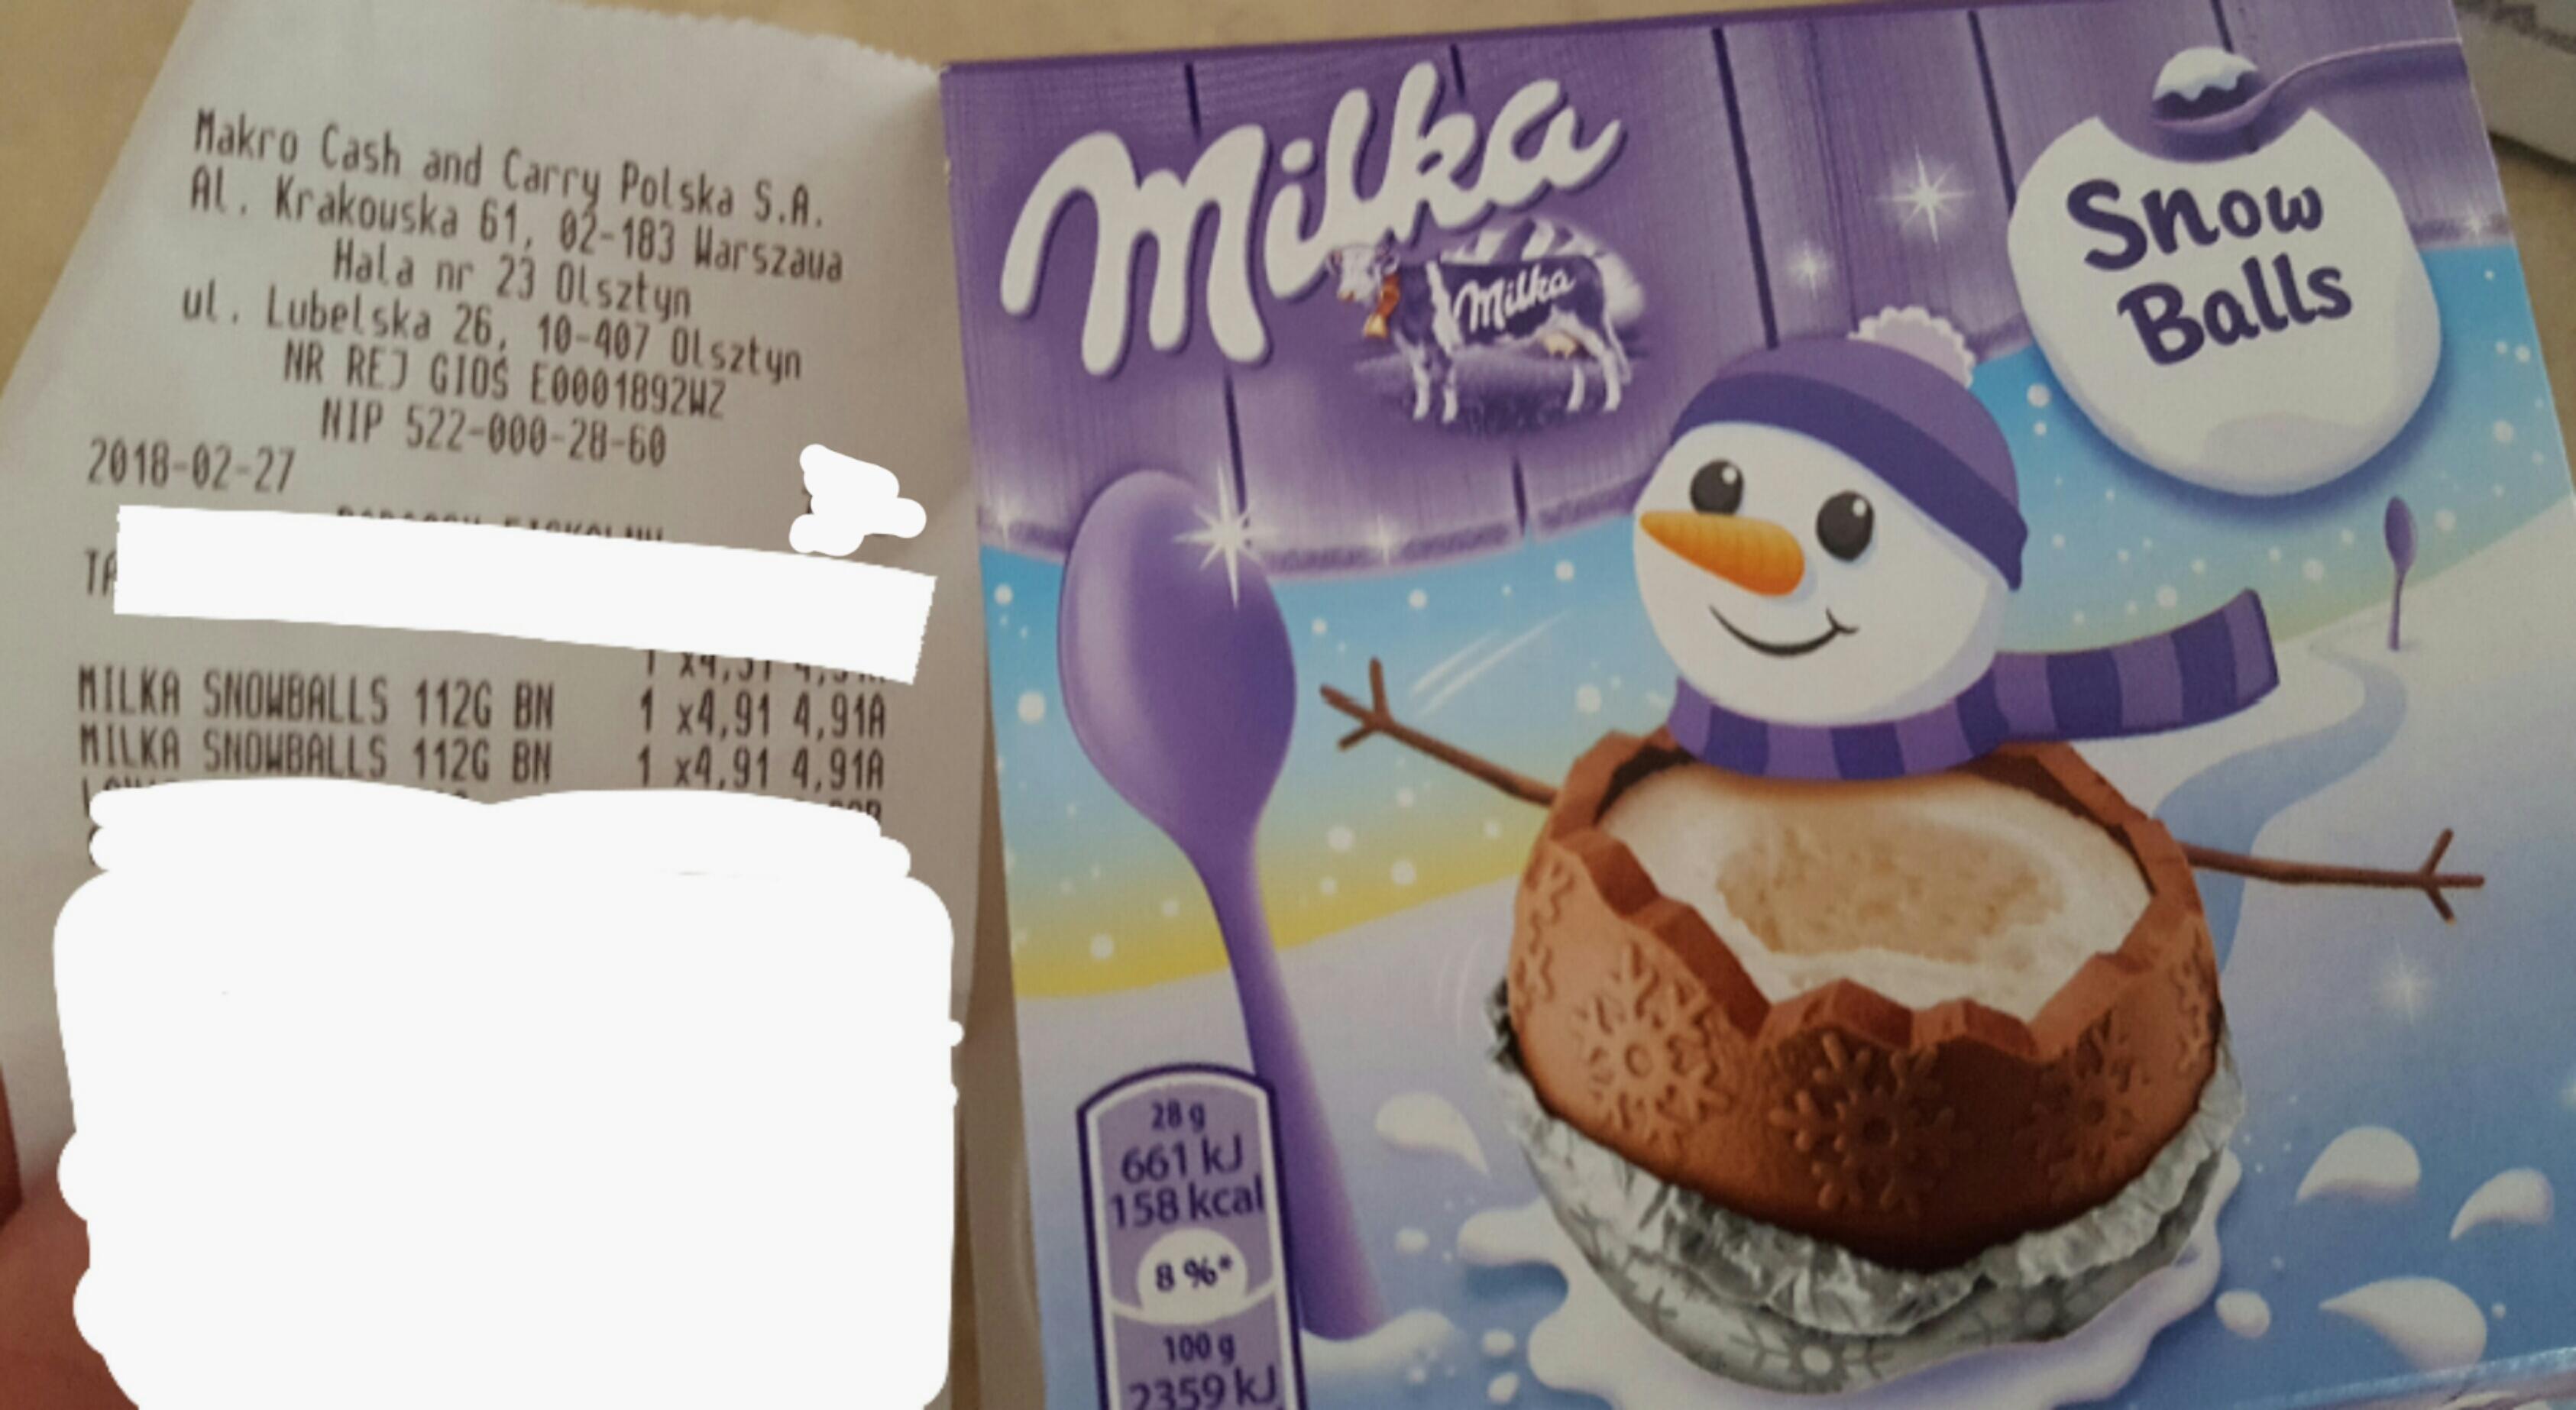 Milka Snowballs - 4.91zł - Makro